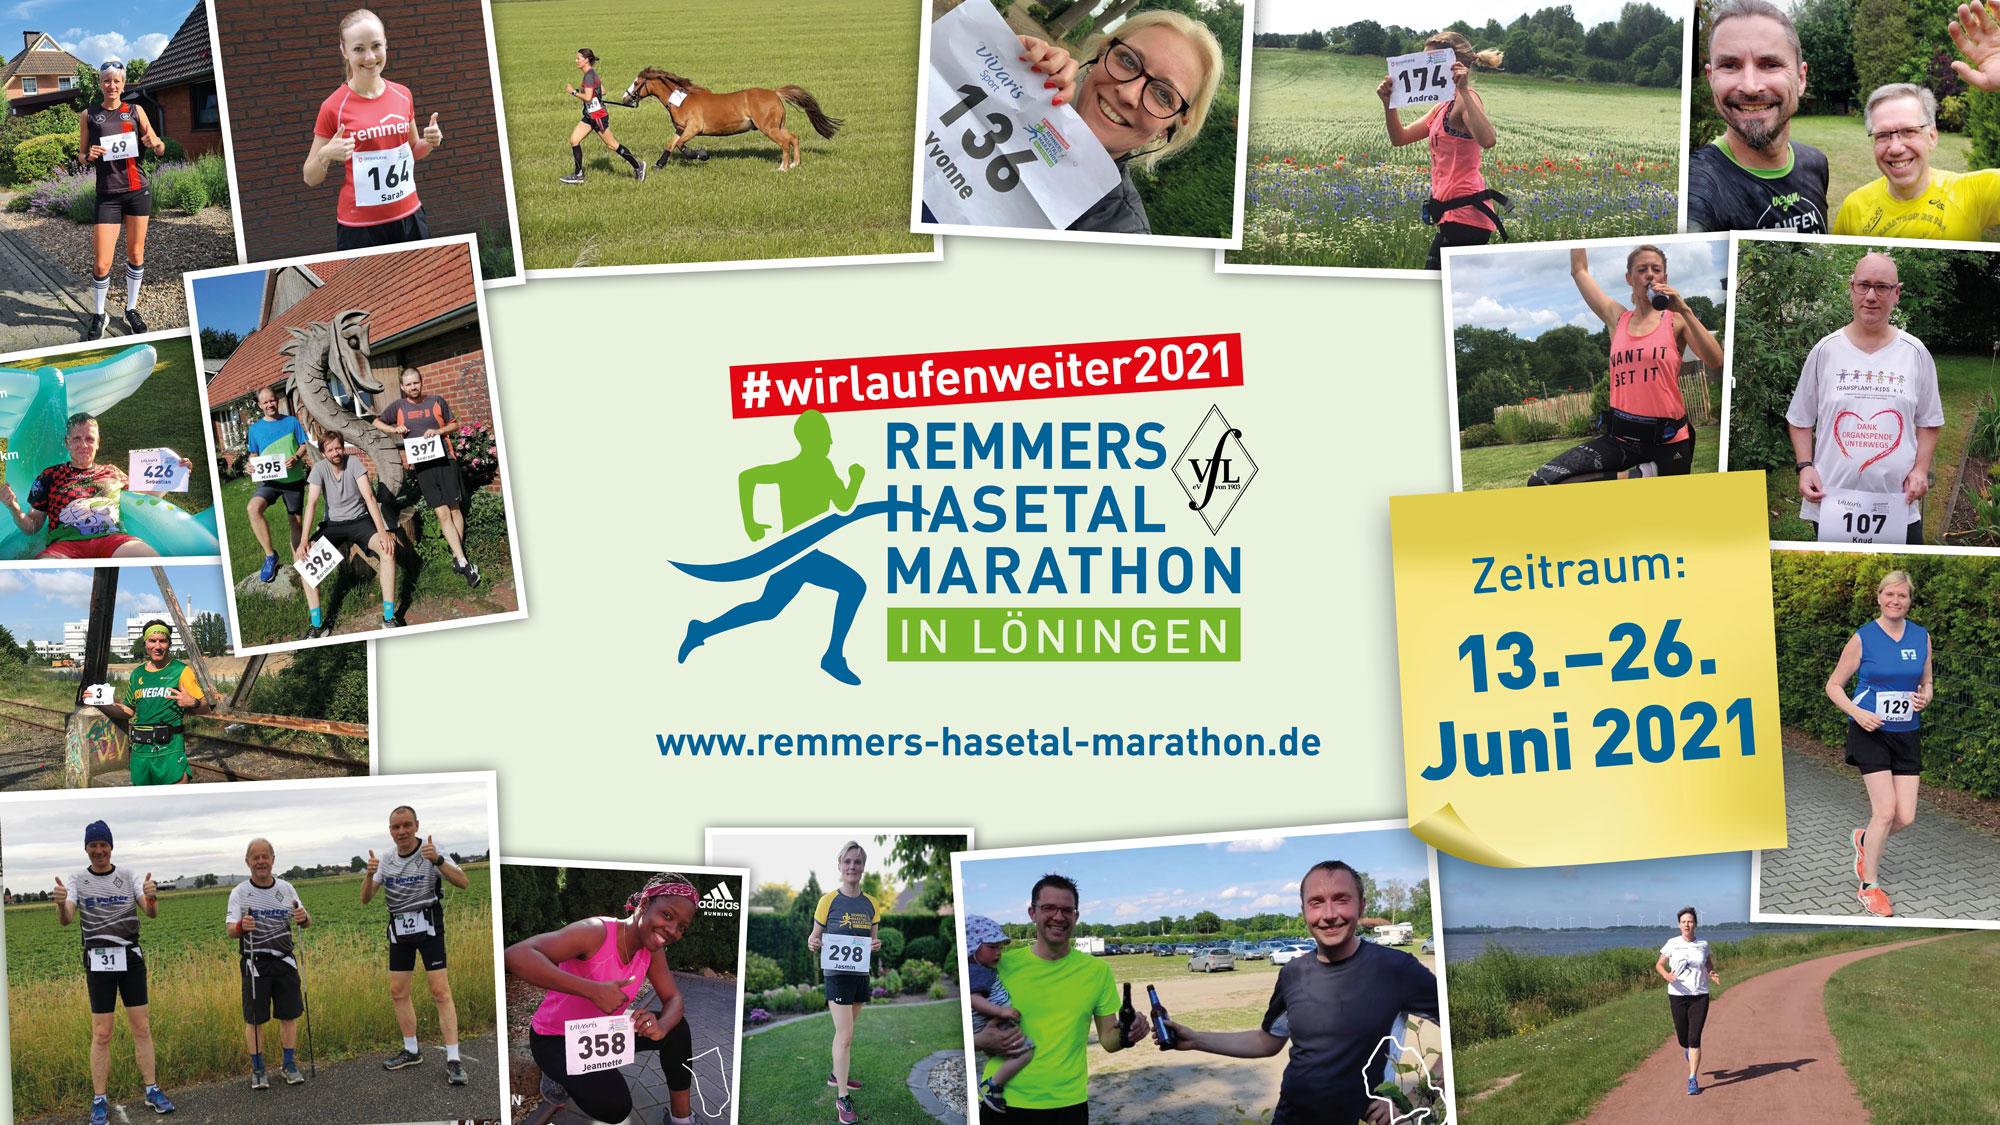 zum Bild:In der Zeit vom 13. Bis zum 26.06.2021 findet mit #wirlaufenweiter2021 bereits der 19. Remmers-Hasetal-Marathons des VfL Löningen statt.